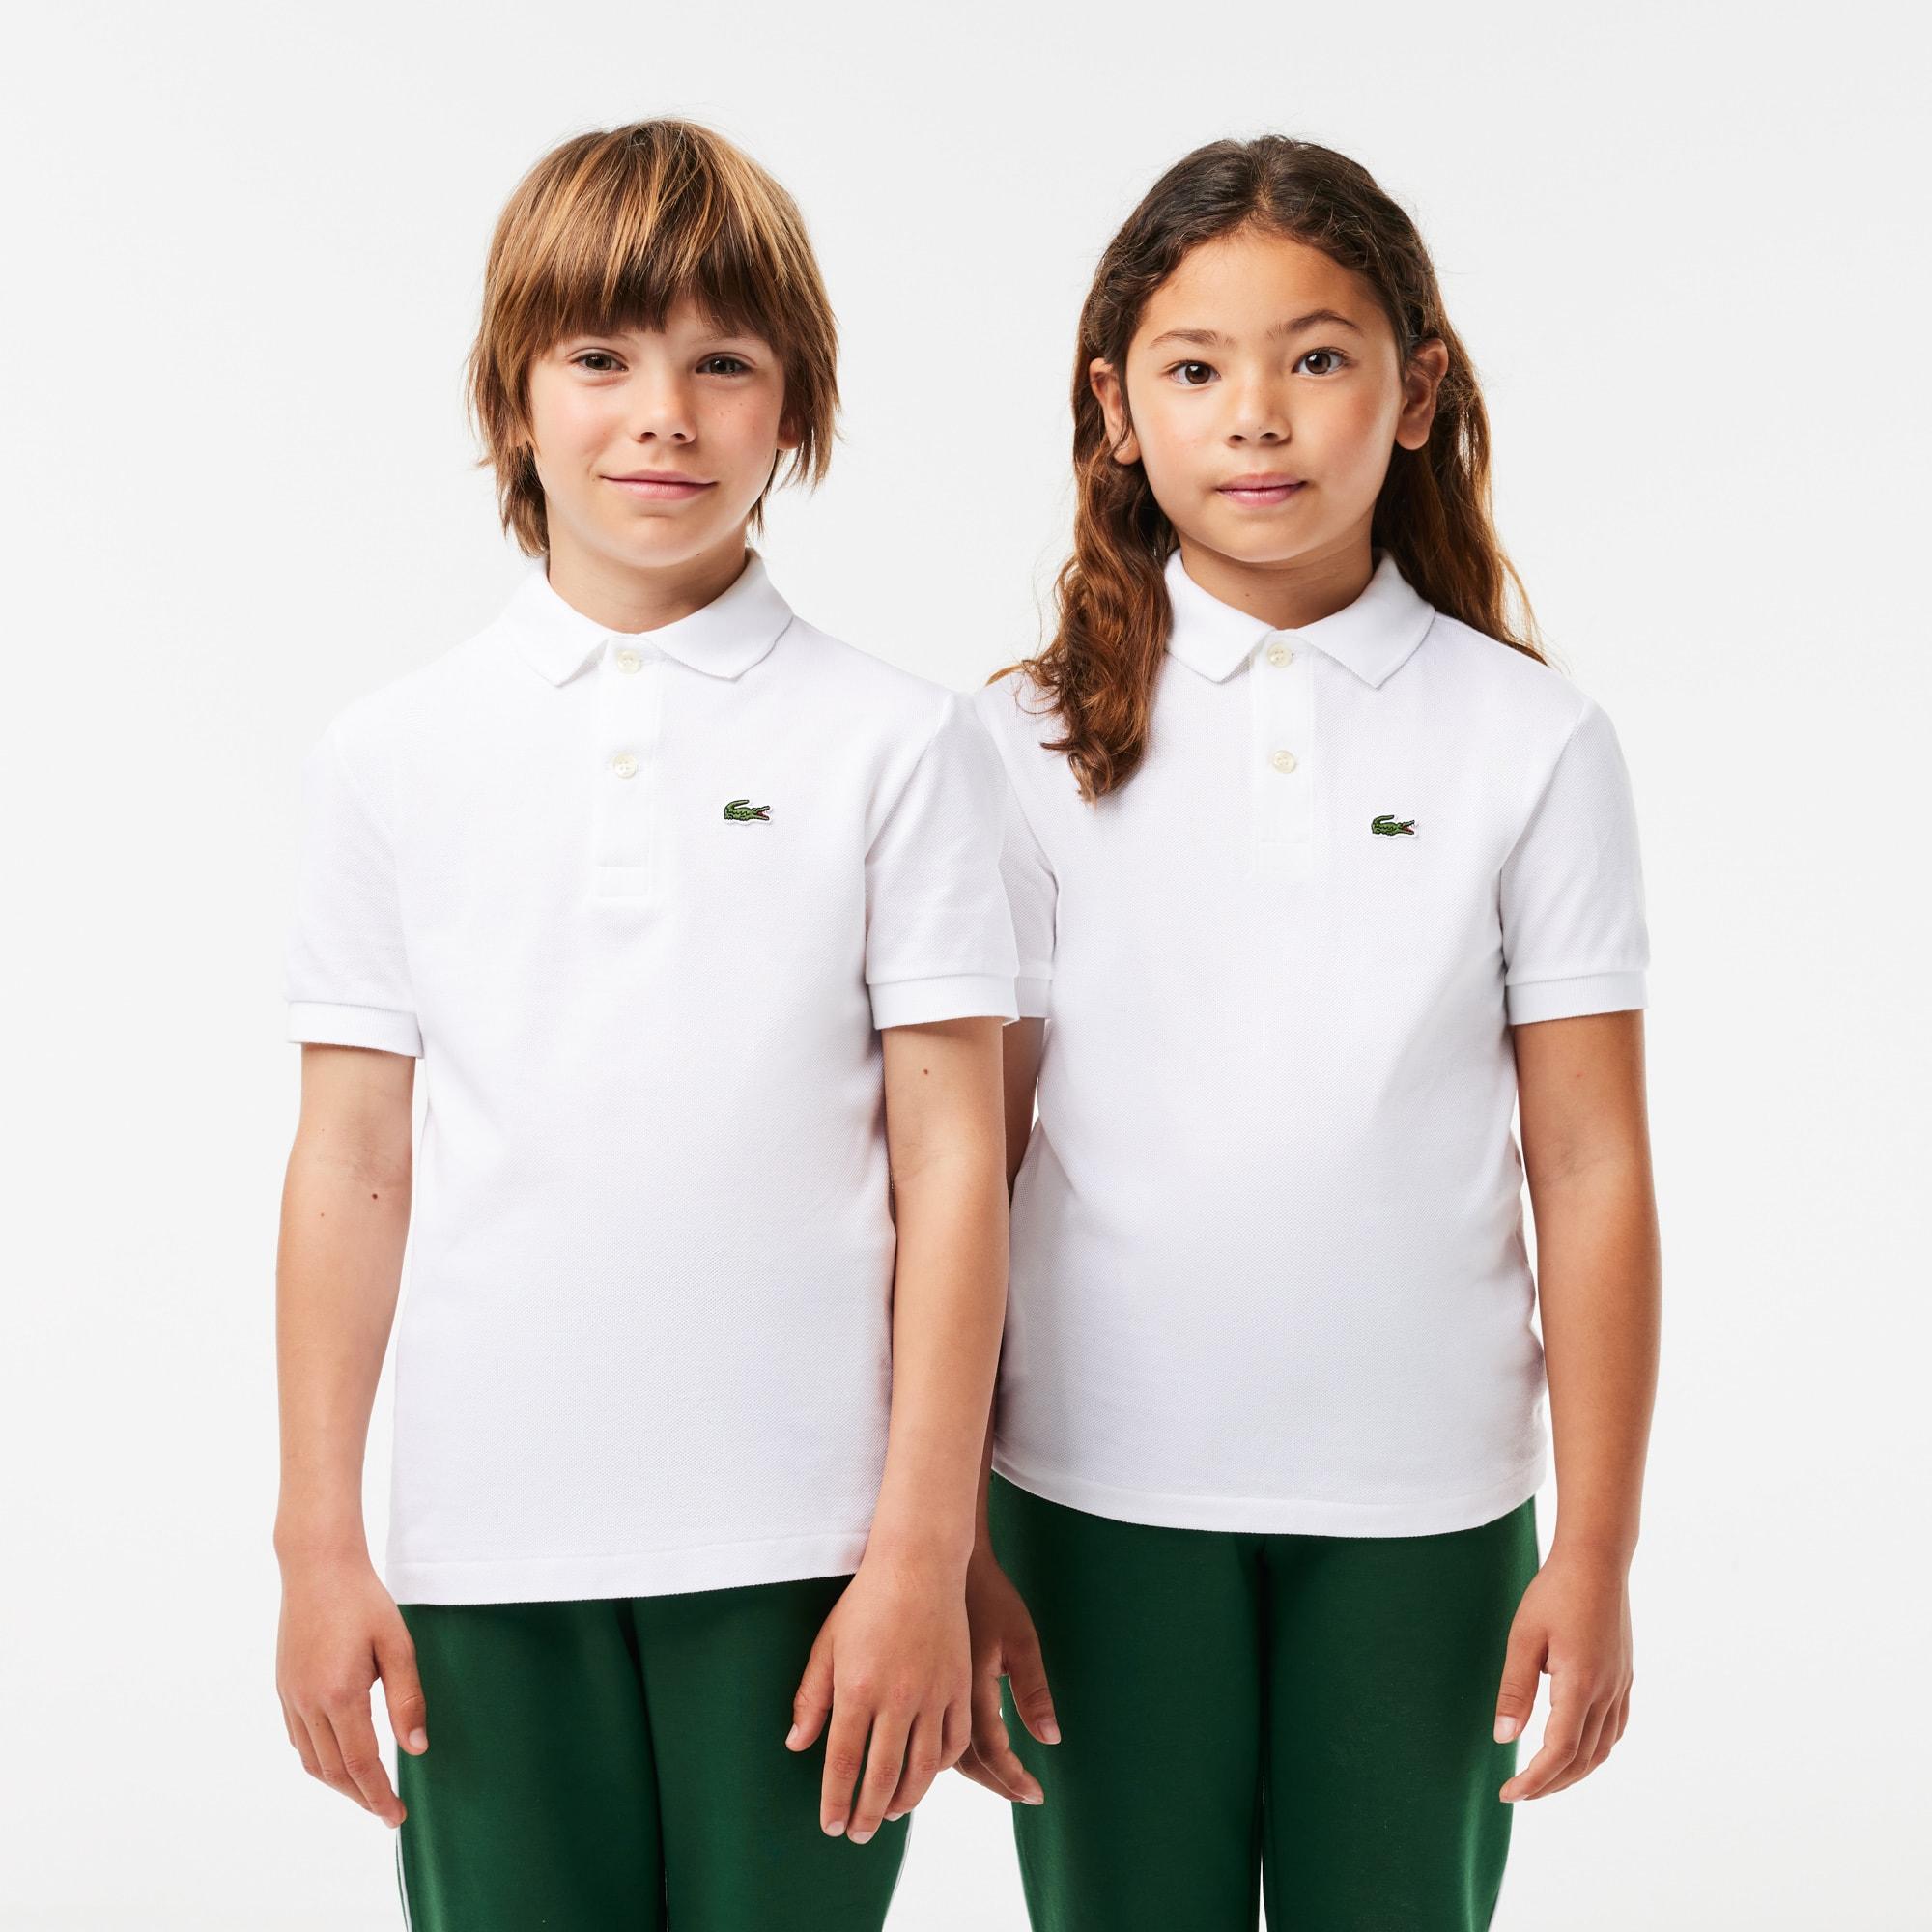 b51dc32776177 Polos para Meninos   Moda Kids   LACOSTE